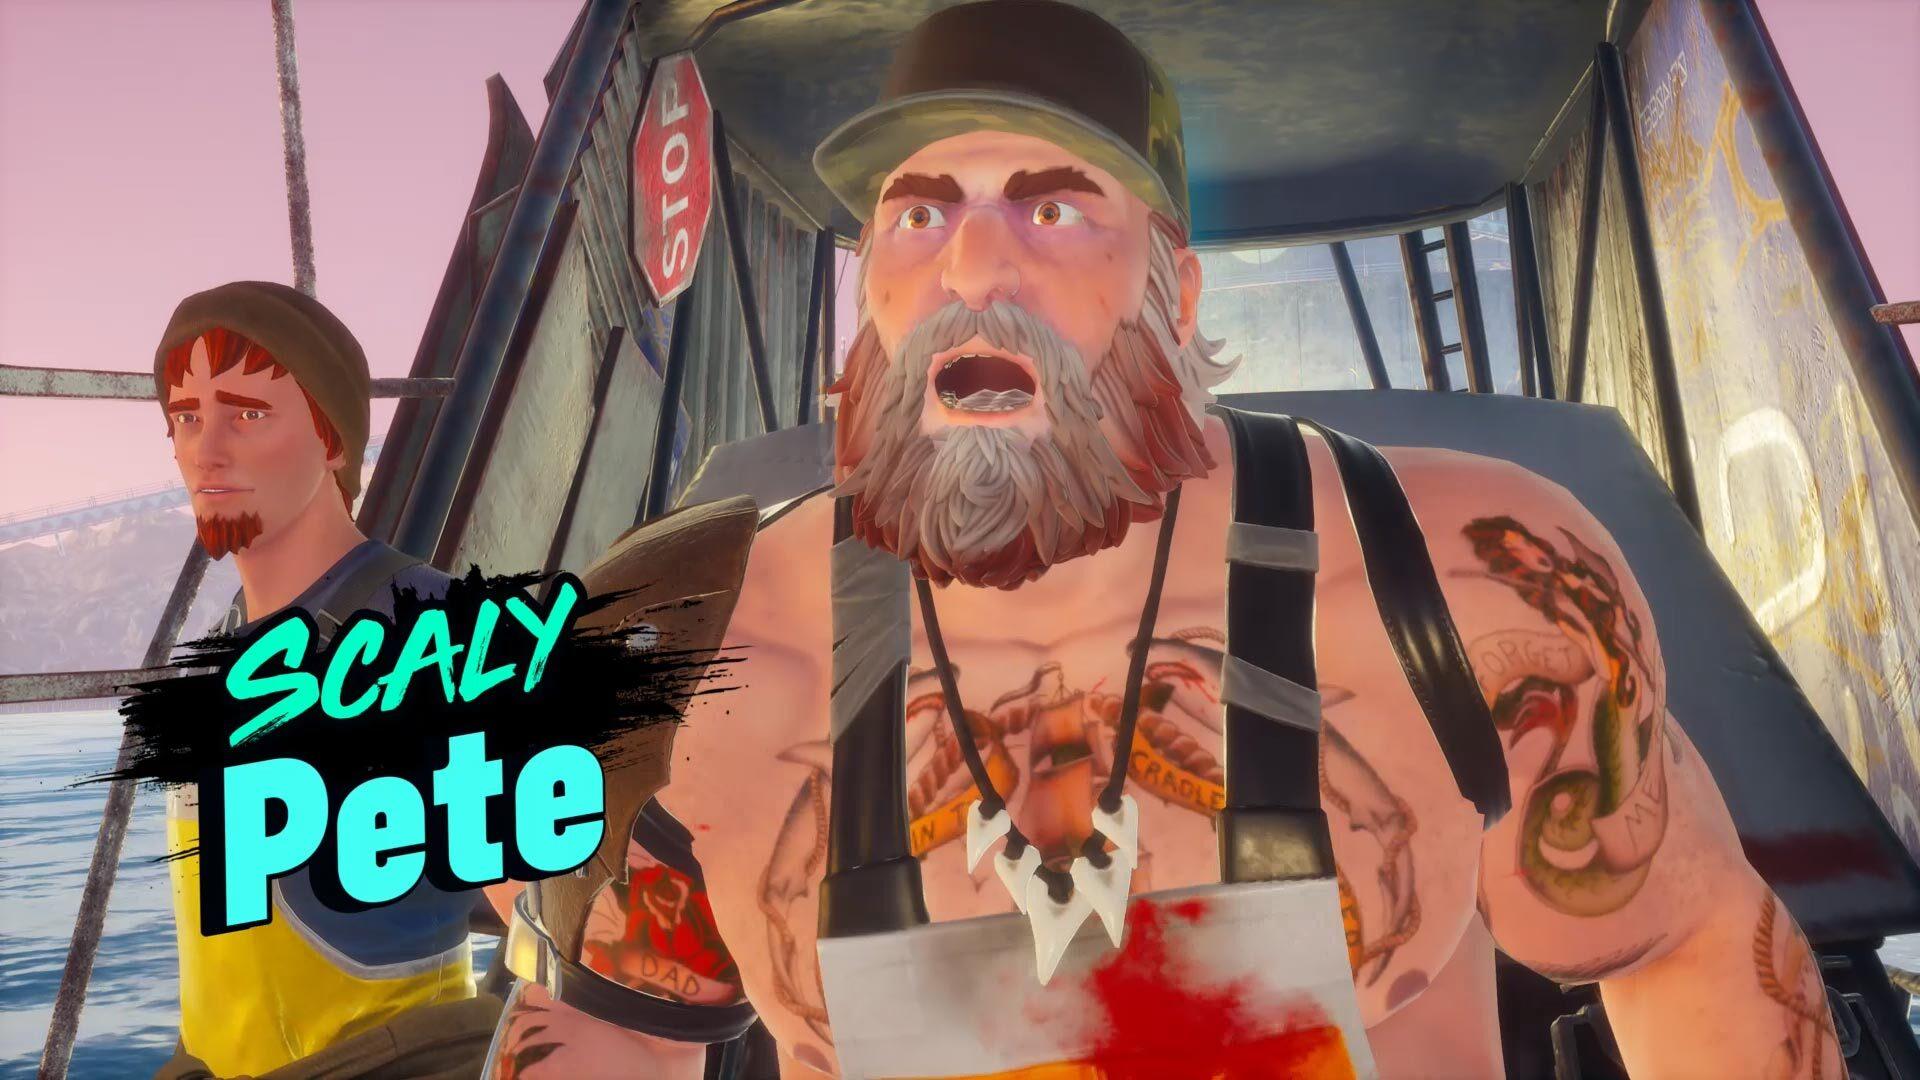 Gardez un œil sur le vieux Scaly Pete dans Maneater ou vous pourriez vous retrouver du mauvais côté d'une lance!